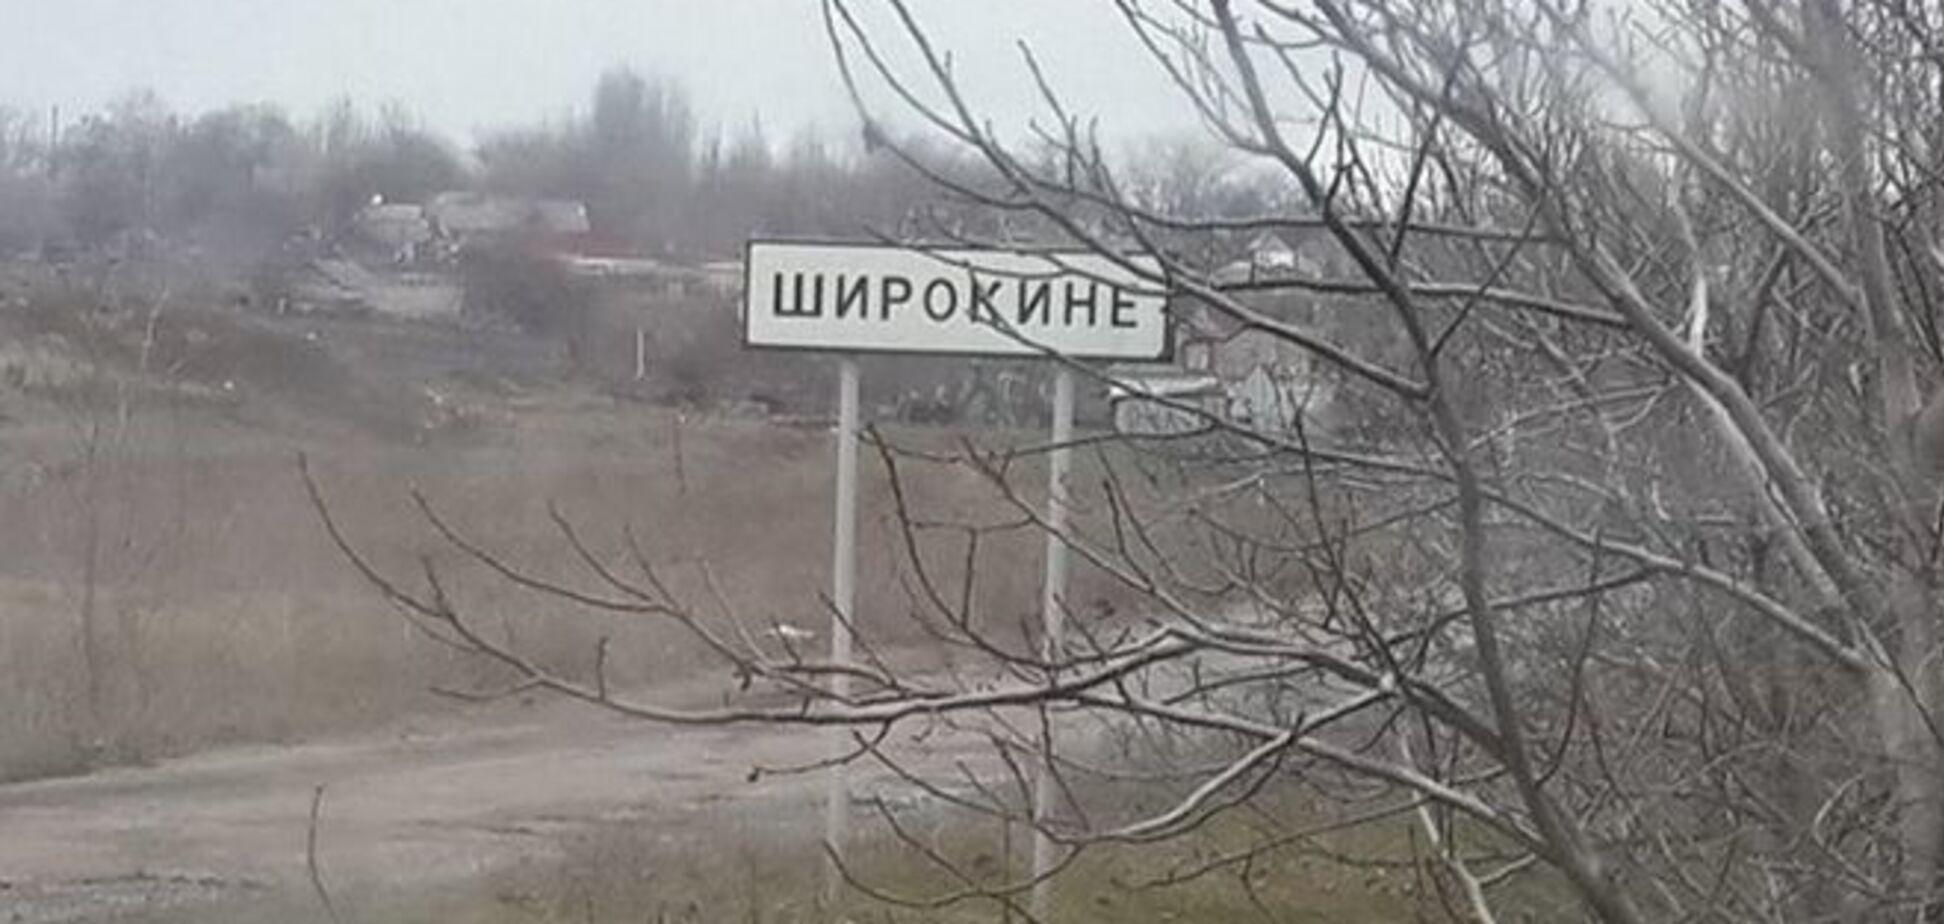 Боевики обстреляли Широкино из минометов калибра 120 мм - Минобороны